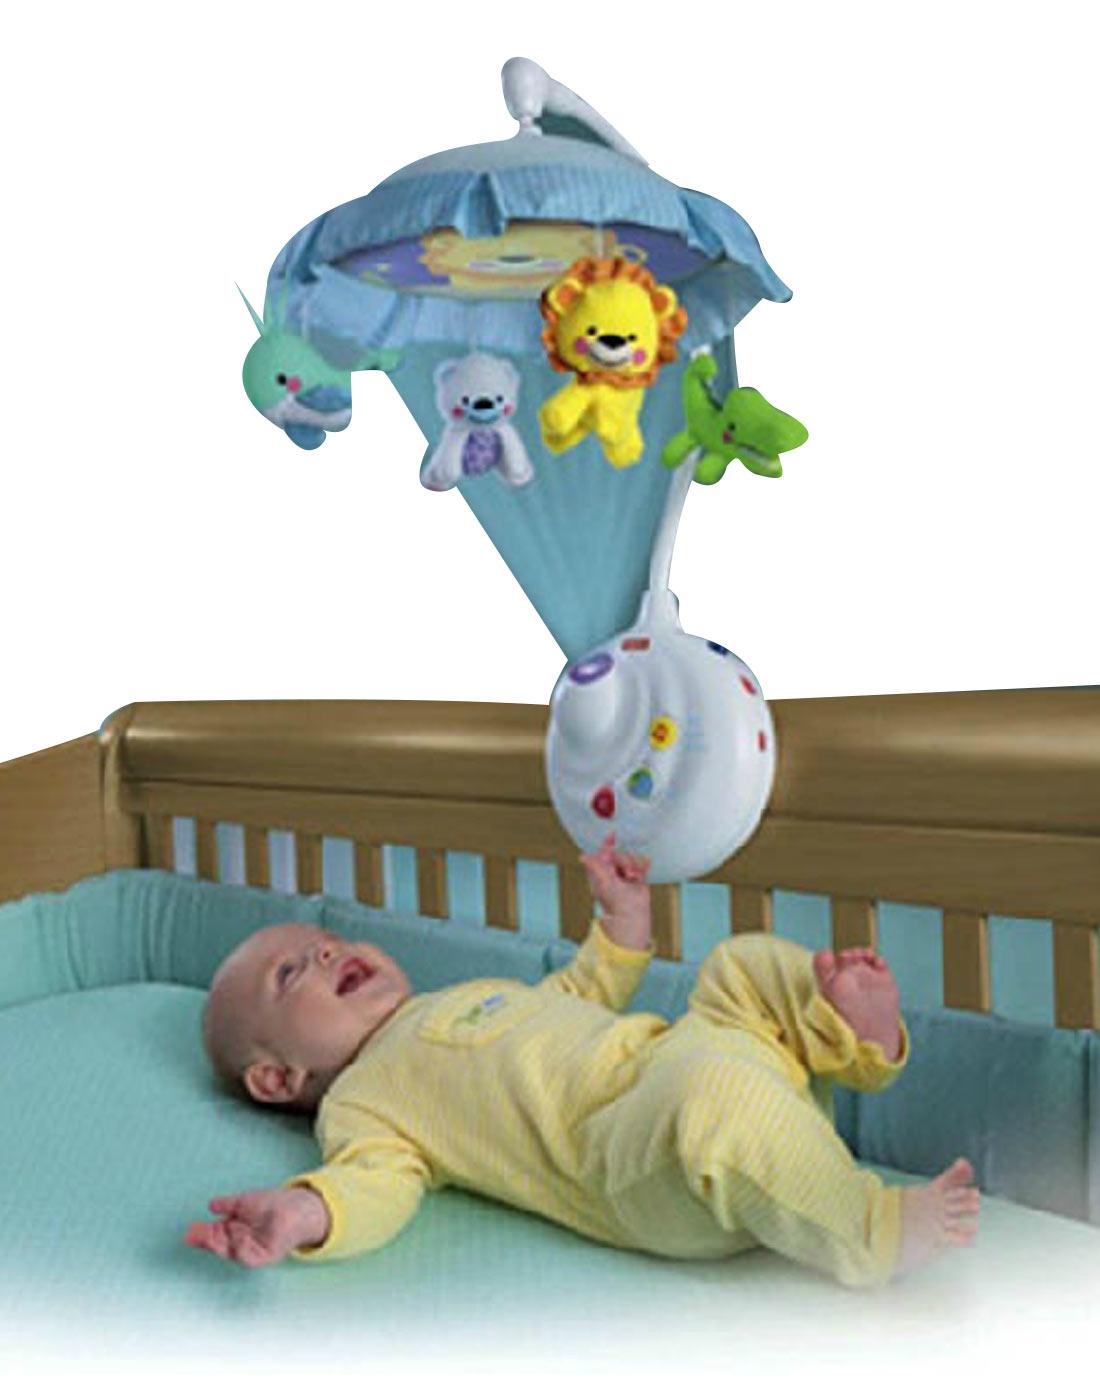 益智玩具费雪 可爱动物两用声光床铃n884922010017